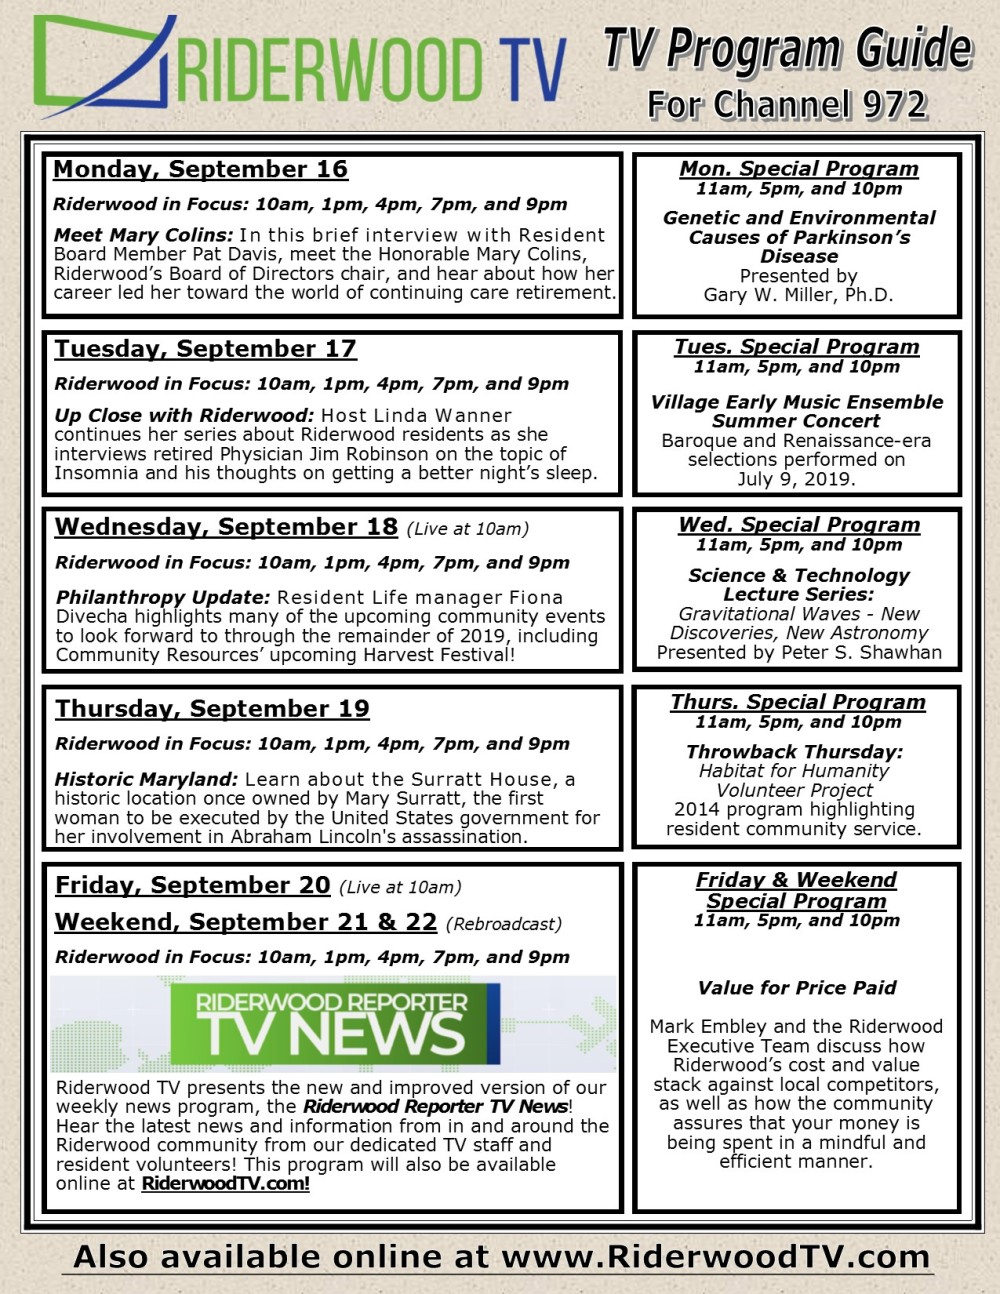 TV_Guide_September16_September22.jpg